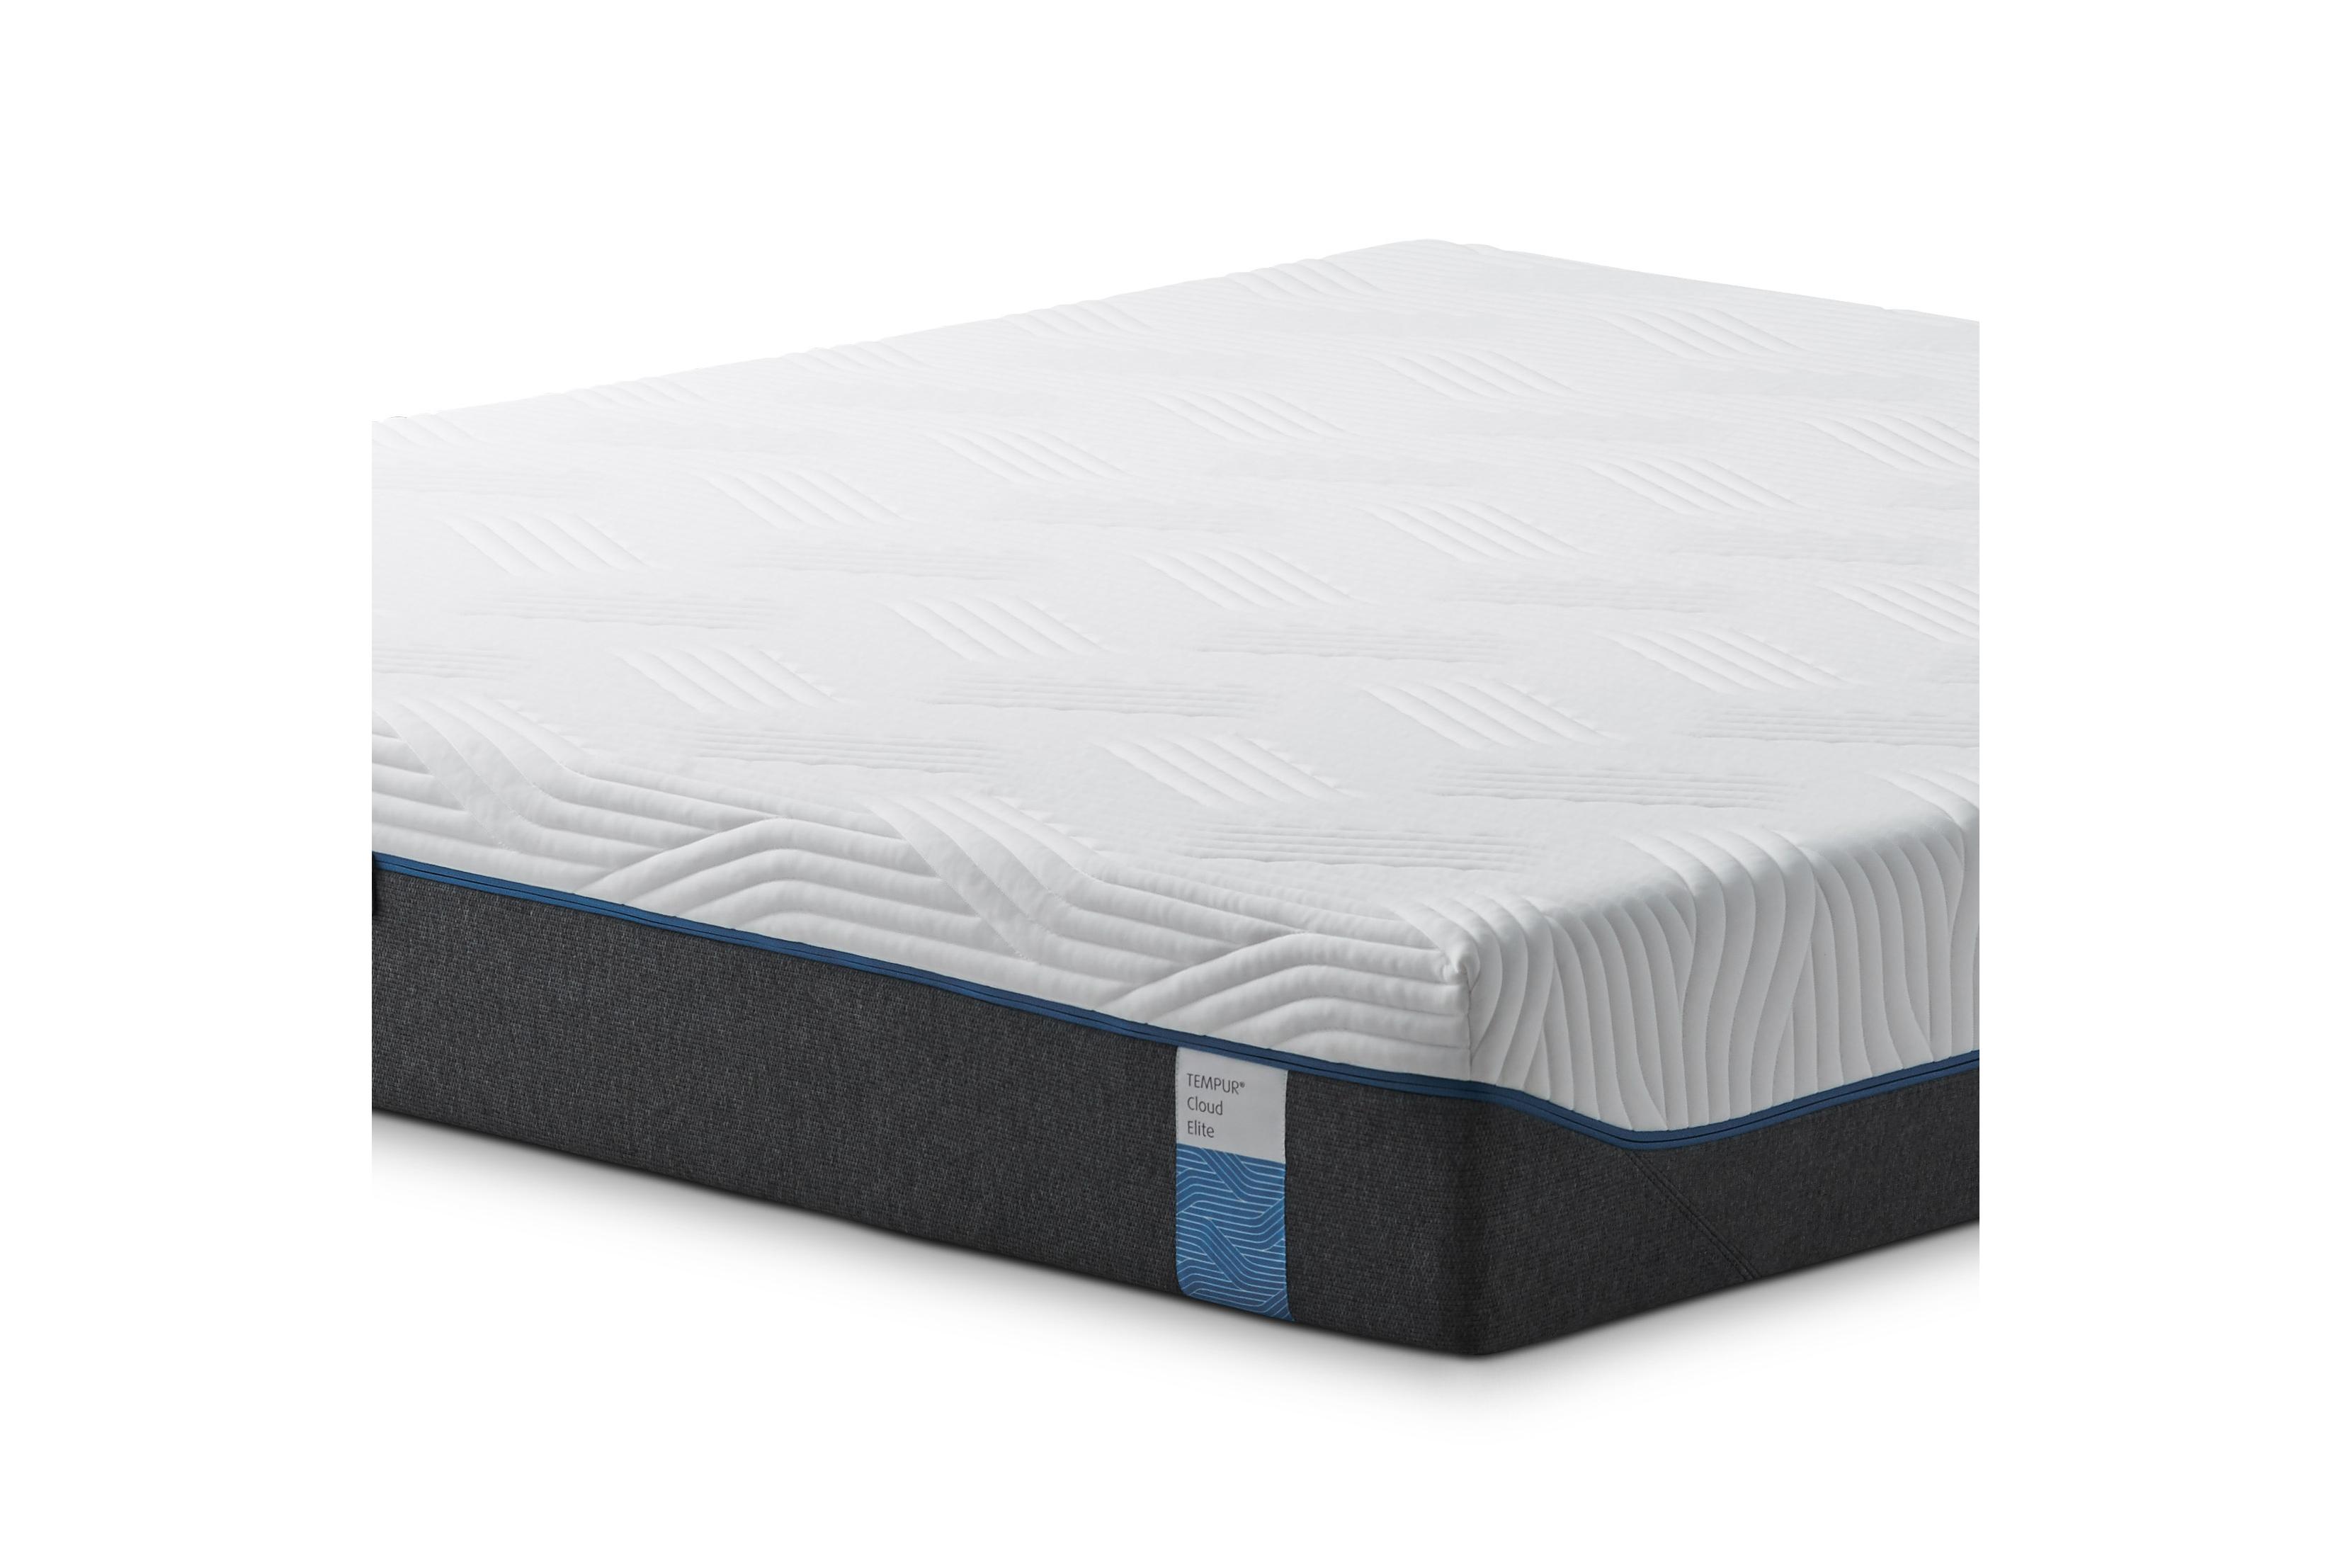 low priced 0a659 dd600 Brands :: Tempur :: Cloud :: Tempur Cloud Elite Mattress ...